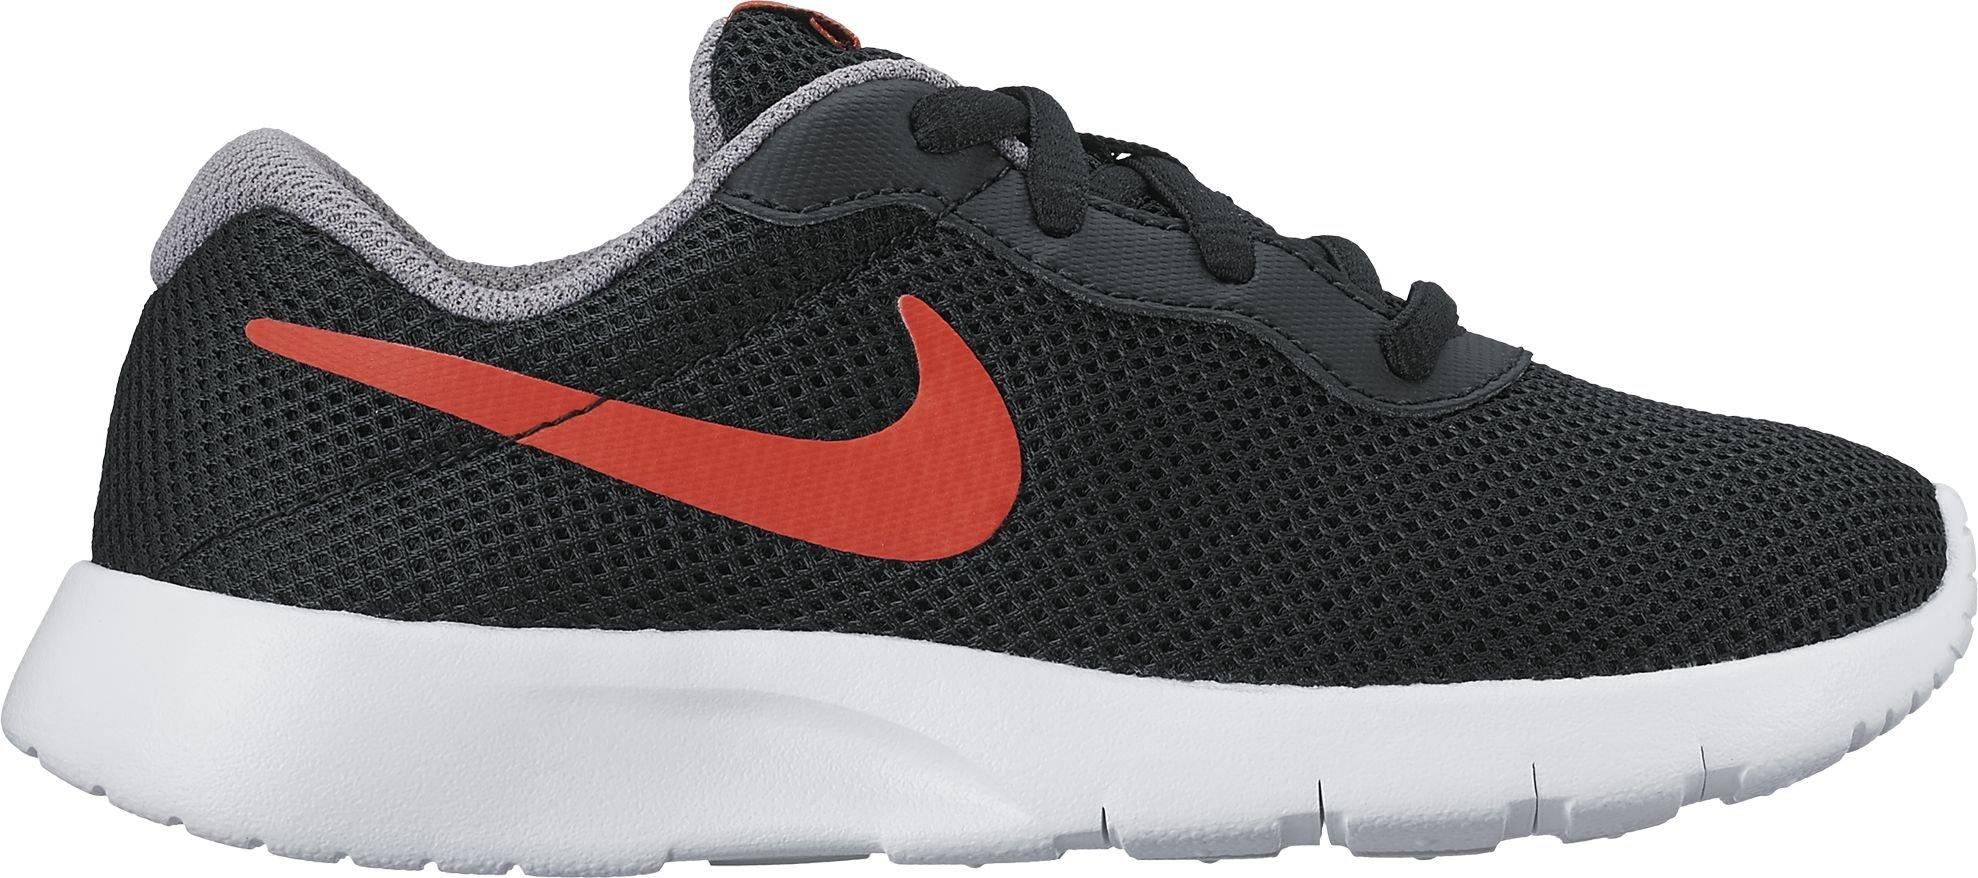 Nike Boy's Tanjun (PS) Running Shoes (1 Little Kid M, Black/Max Orange/Cool Grey/White)